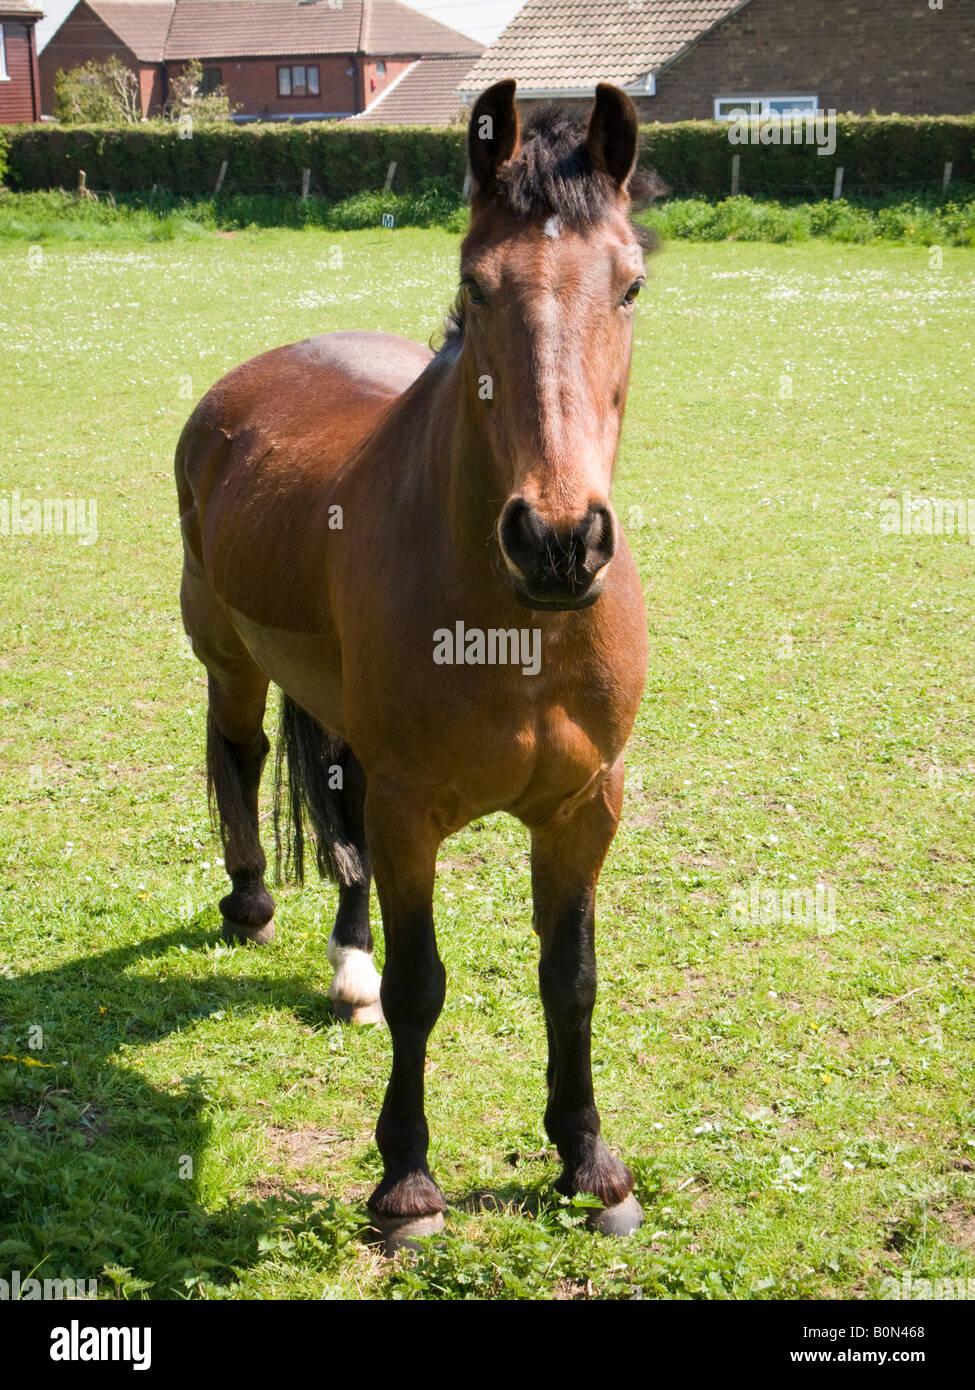 La castaña de caballo marrón en un campo urbano mirando a la cámara Imagen De Stock